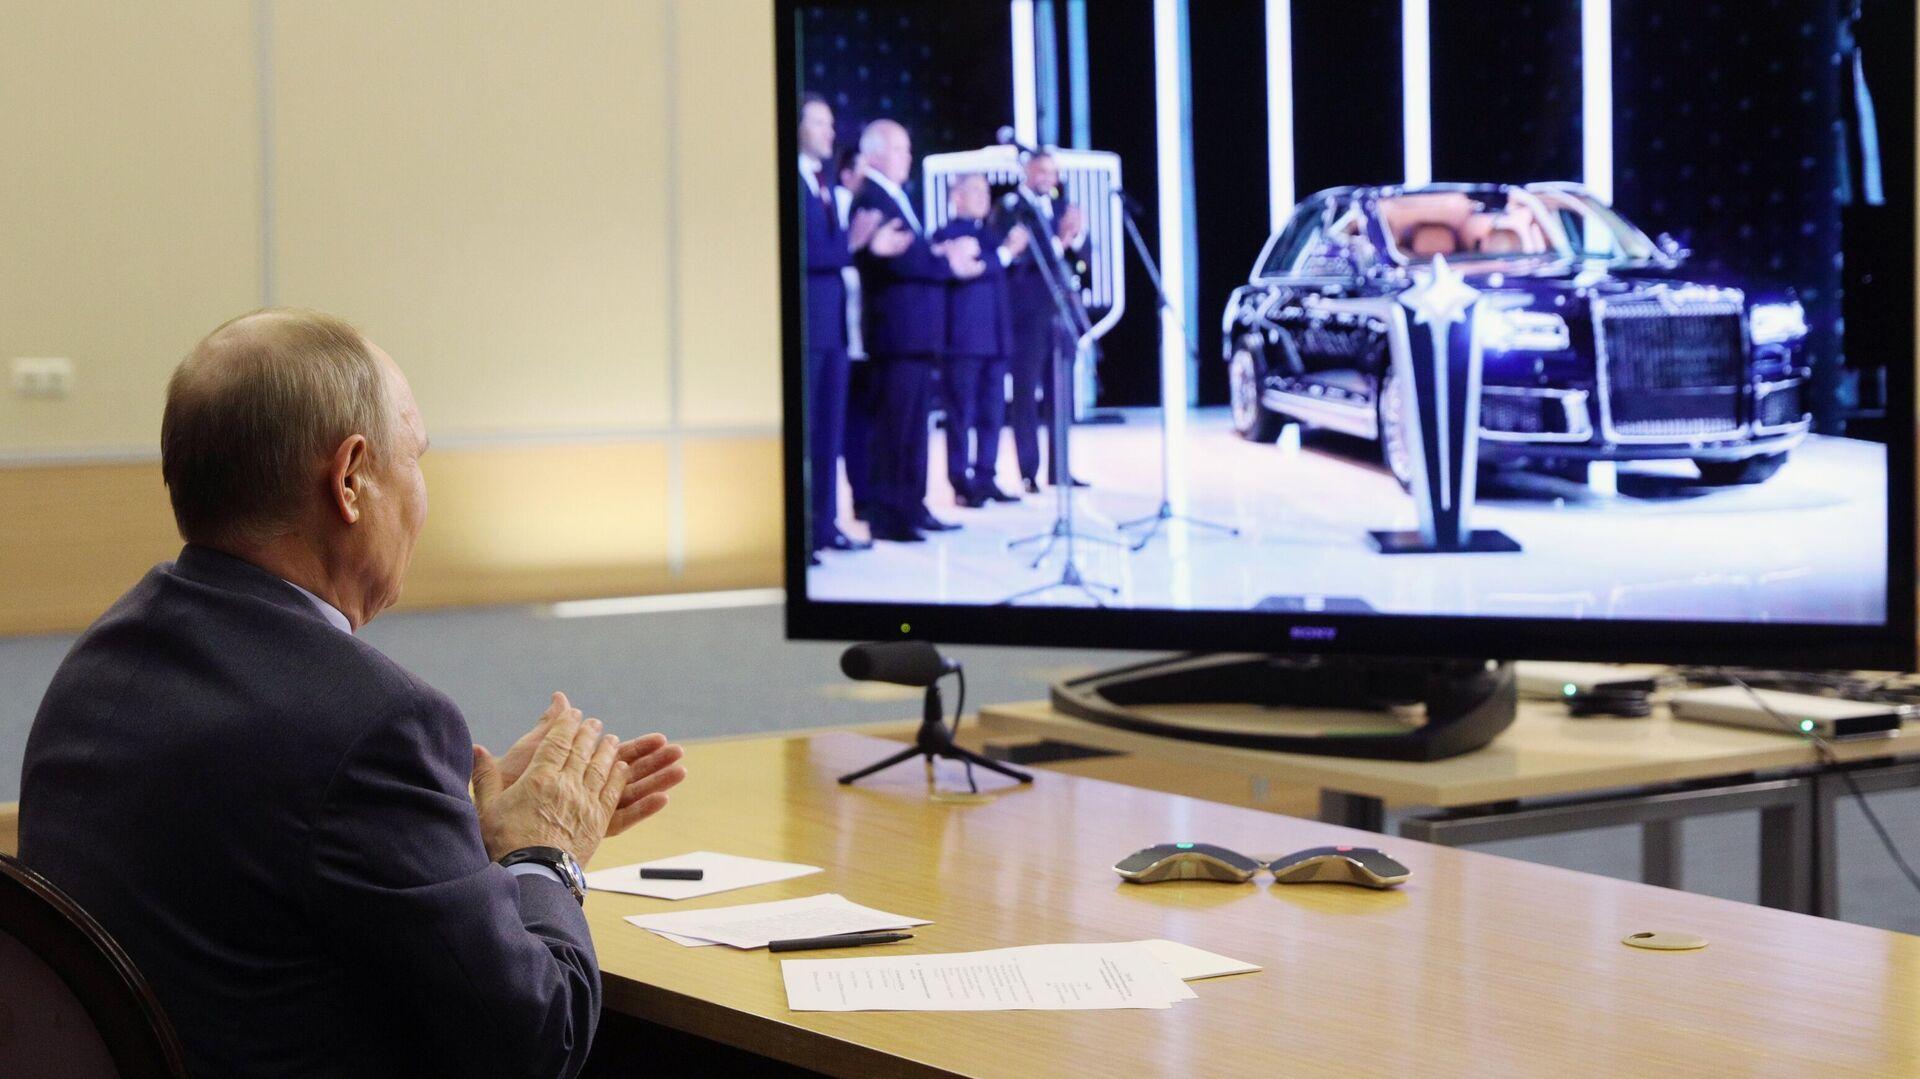 Президент РФ Владимир Путин по видеосвязи принимает участие в церемонии запуска завода по серийное производство лимузинов Аурус - РИА Новости, 1920, 31.05.2021